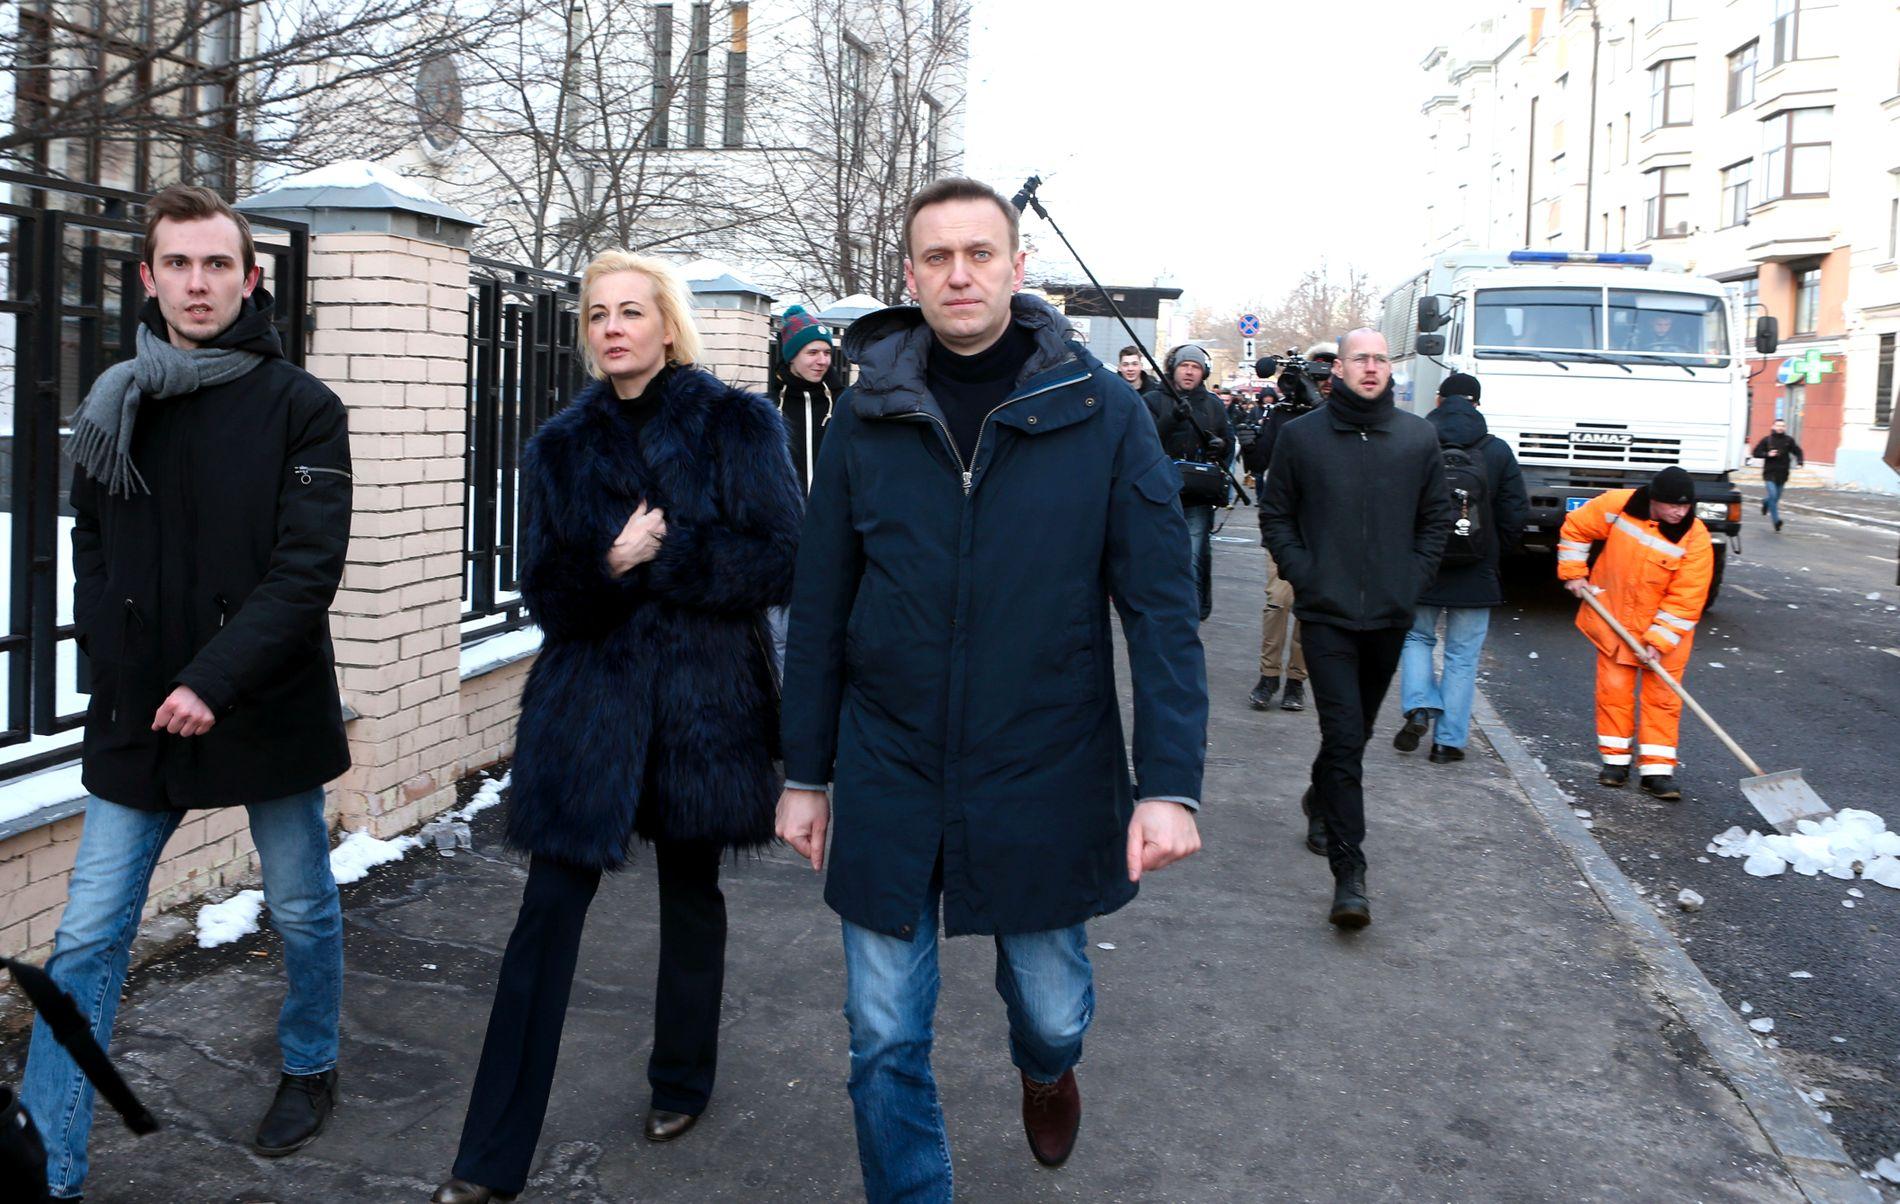 PUTIN-FIENDE: Opposisjonslederen Aleksej Navalnyj (t.h.) på gata i Moskva dagen før presidentvalget, sammen med kona Julia.